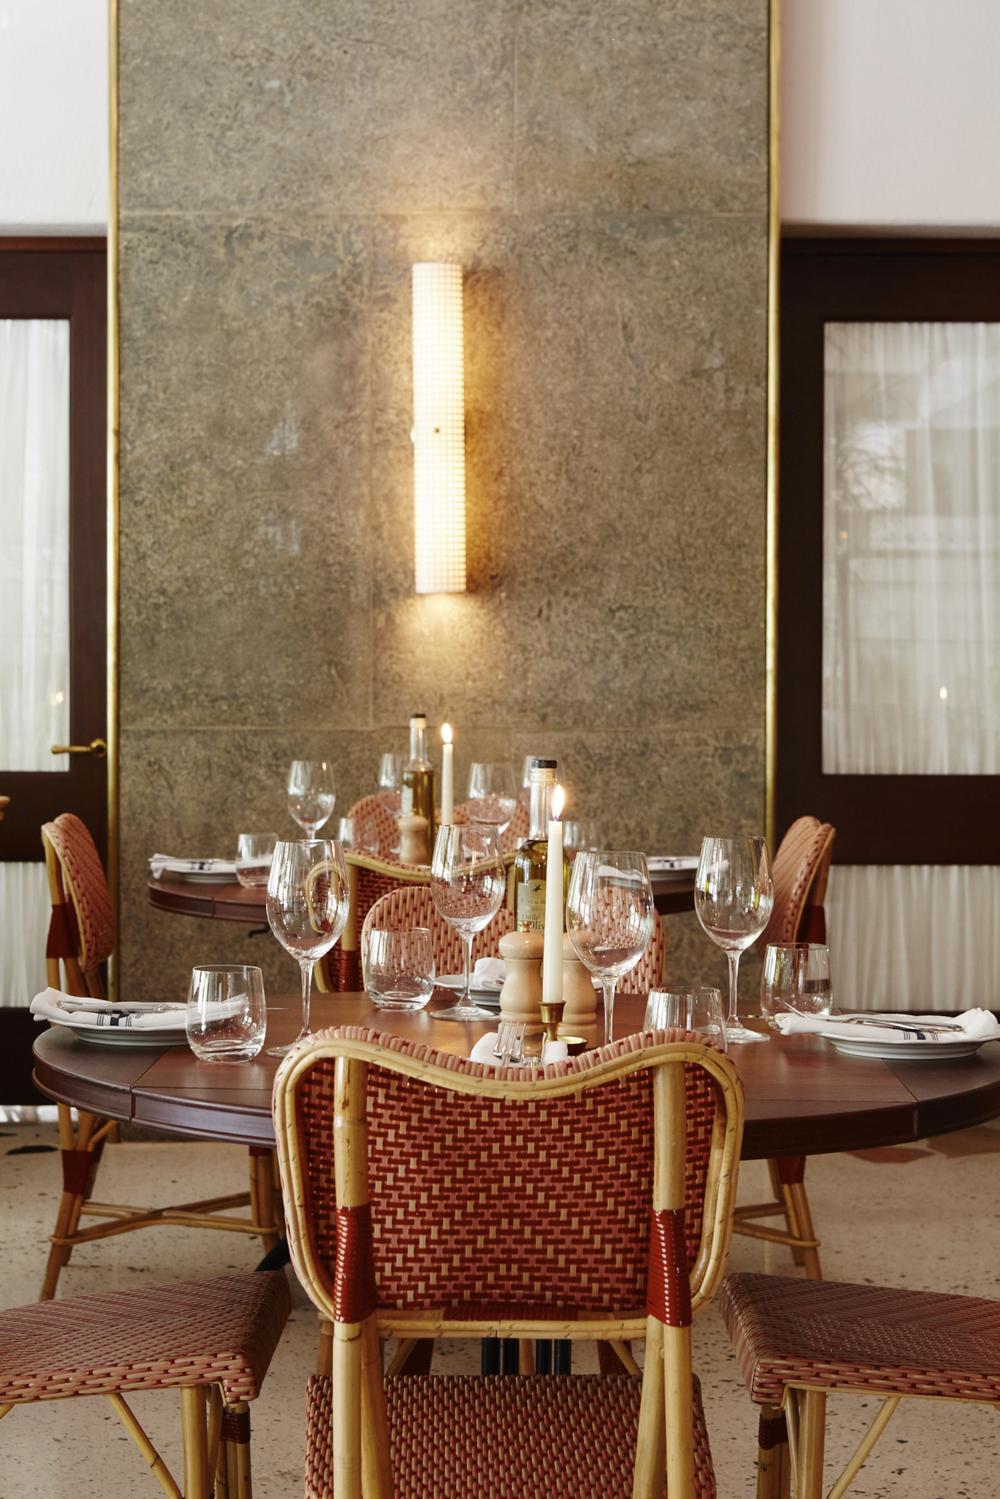 Restaurants_4.jpg